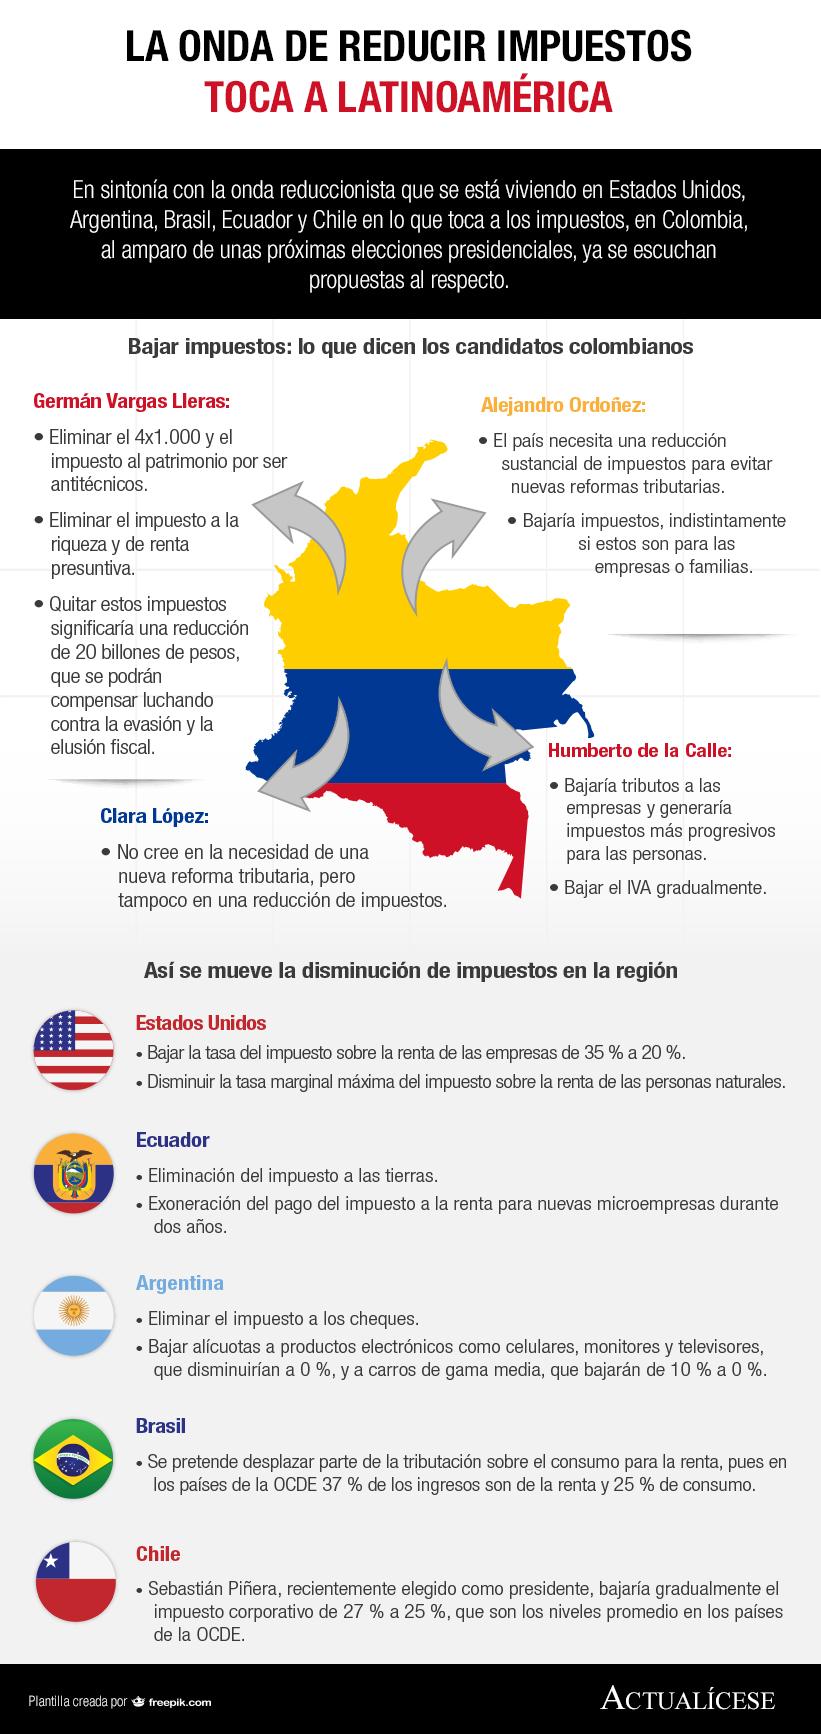 [Infografía] La onda de reducir impuestos toca a Latinoamérica